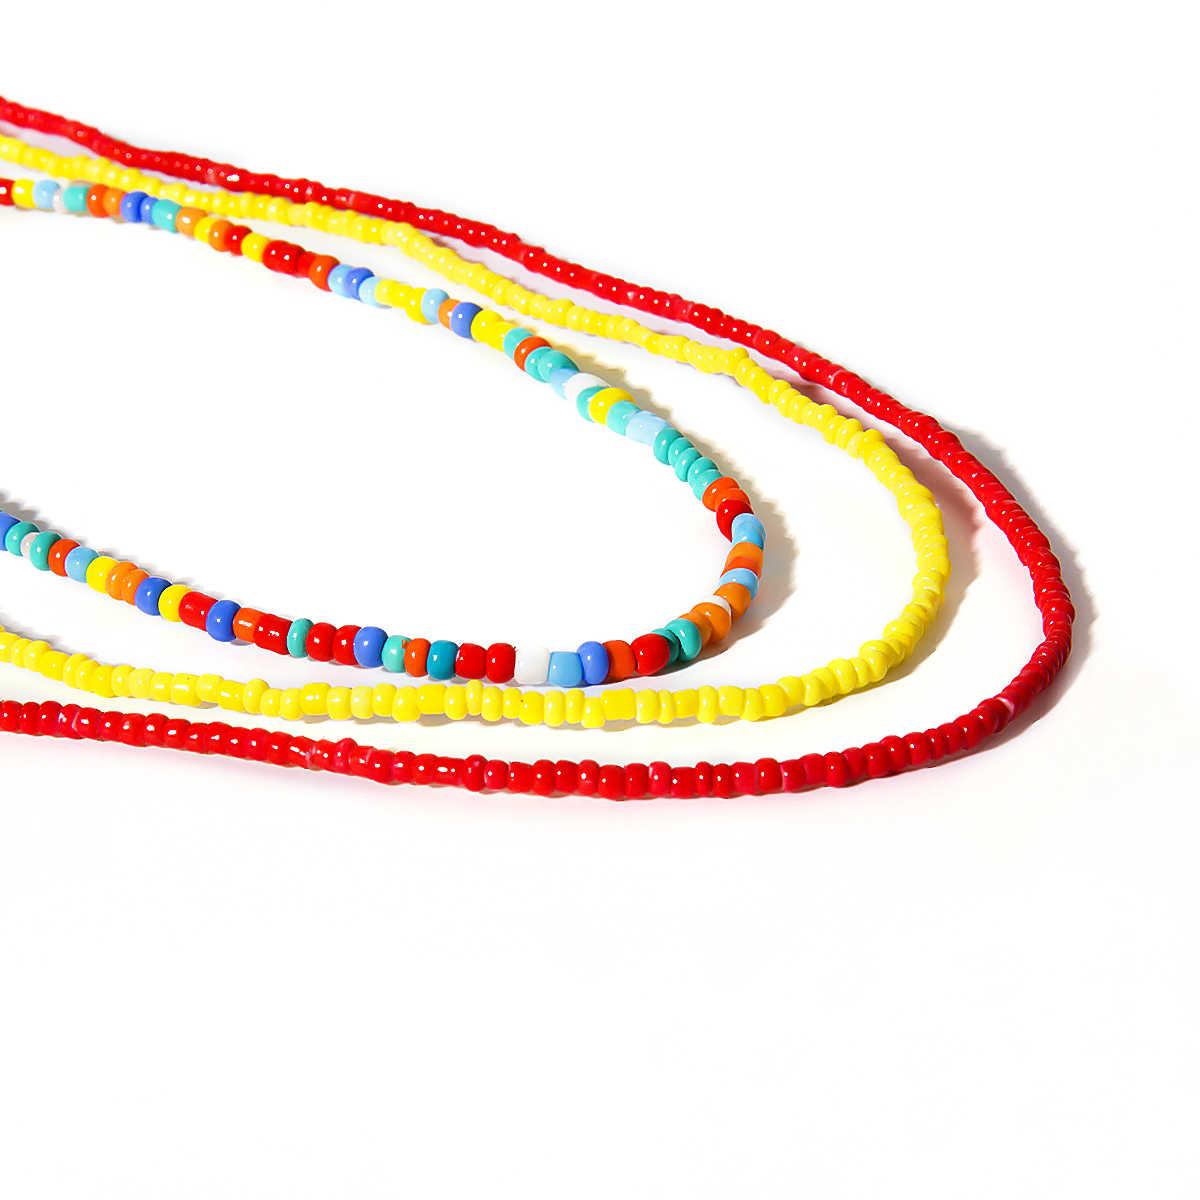 7Pcs מותניים בוהמיים חרוז גוף תכשיטי ביקיני קיץ חוף אפריקאי צועני חגורת צבעוני חרוזים בטן גוף שרשרת לנשים בנות